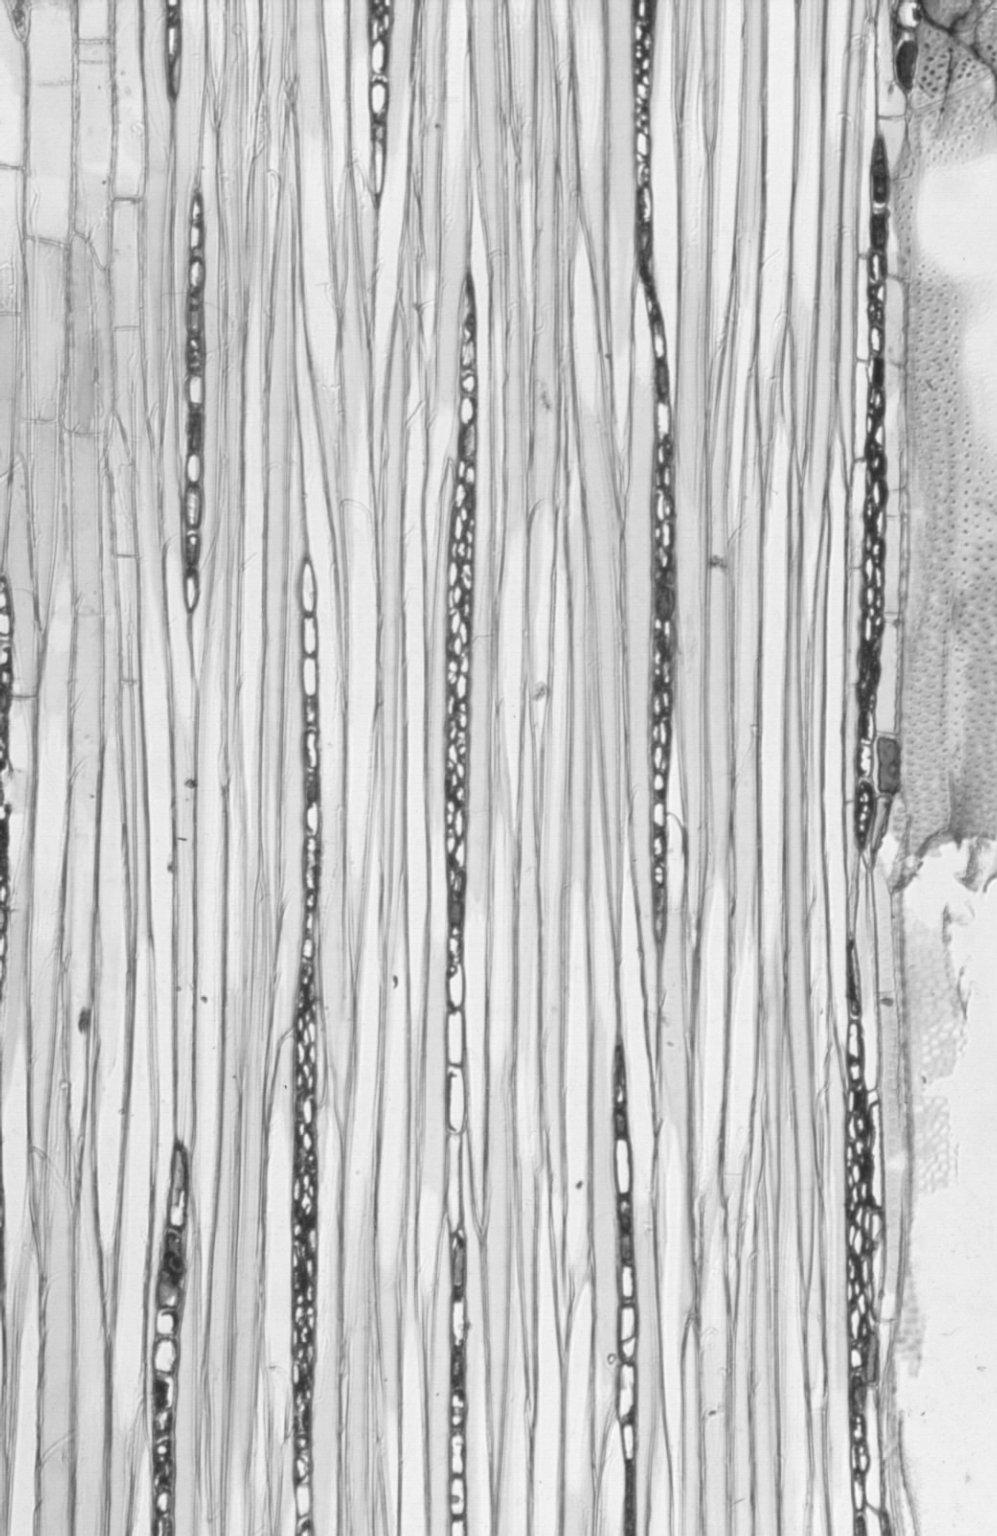 DIPTEROCARPACEAE Shorea acuminatissima